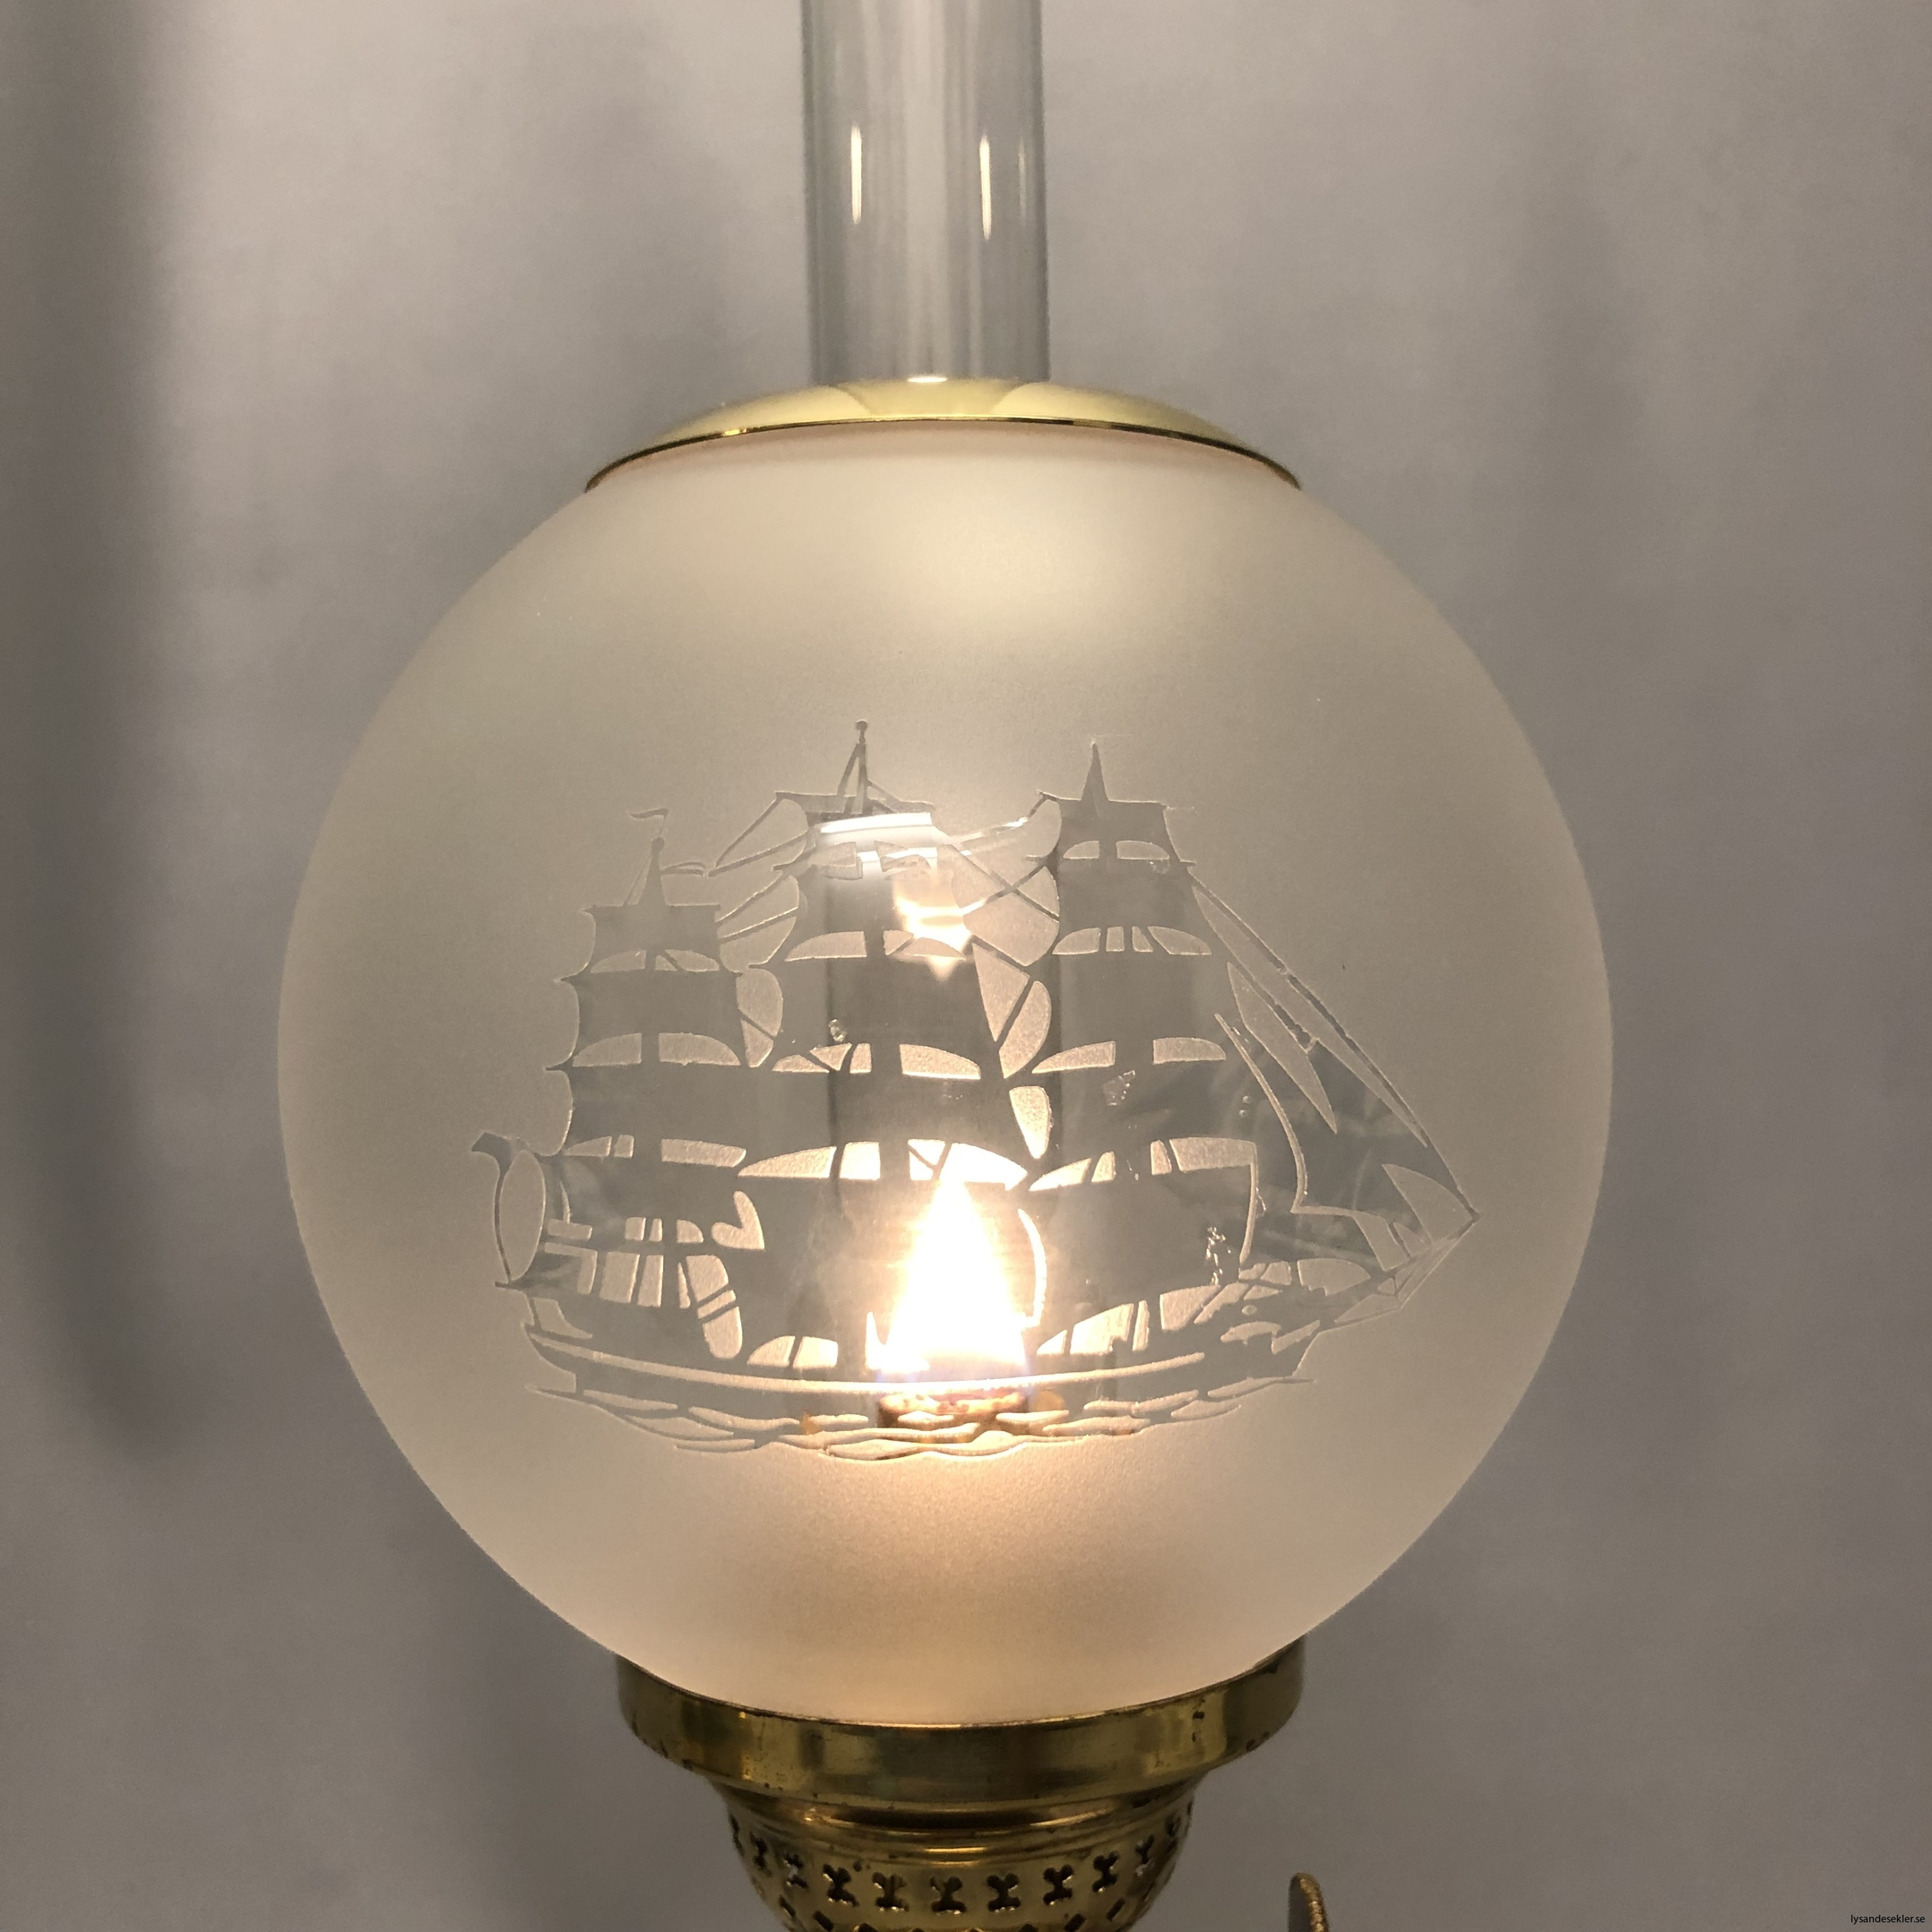 små klotkupor 135 mm till fotogenlampor dansk design10